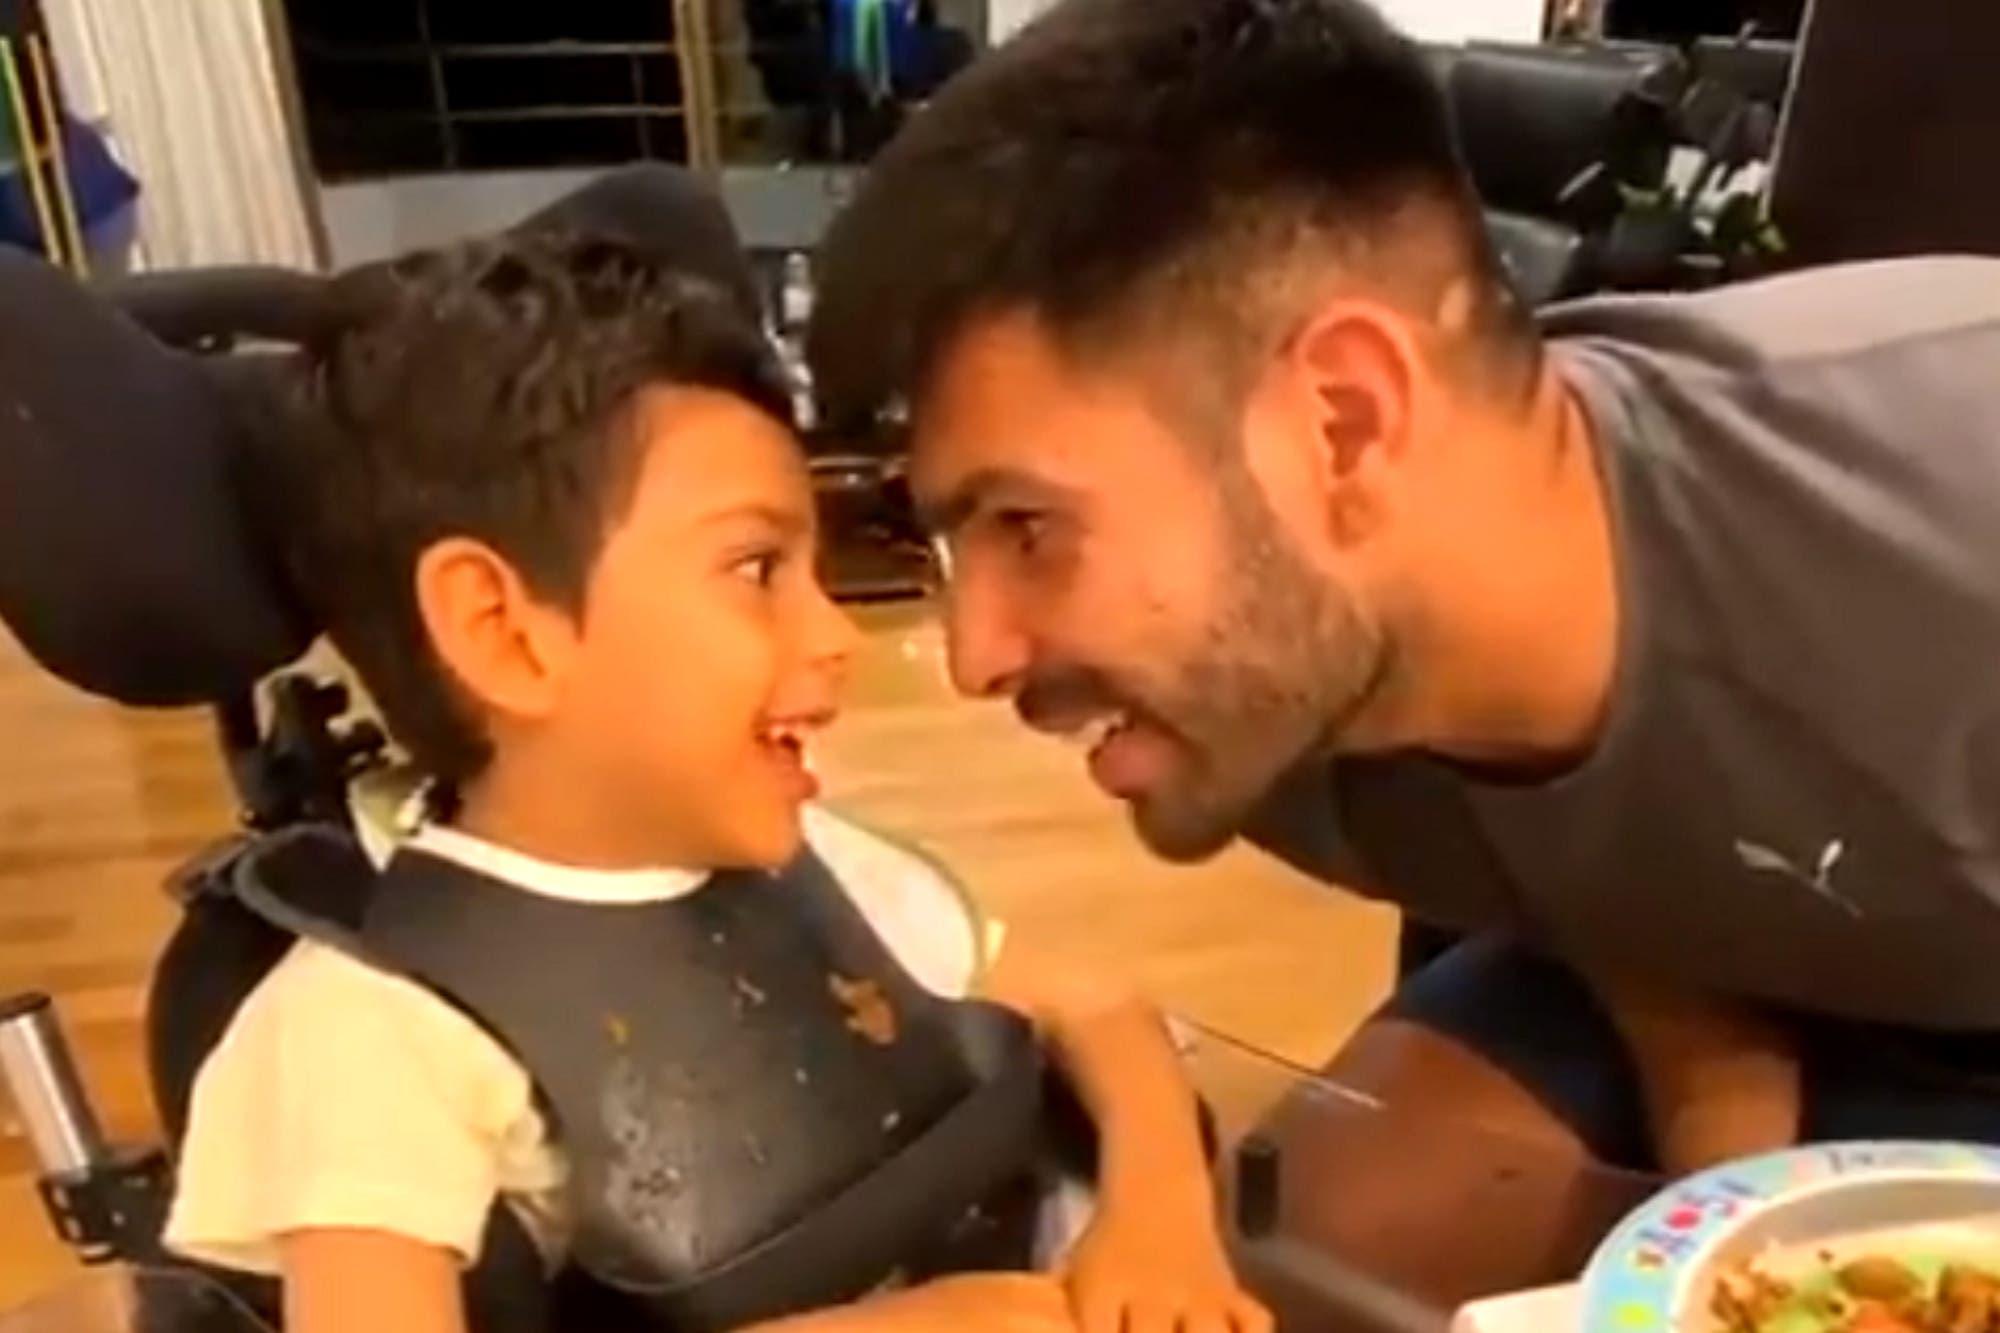 El tierno video de Silvio Romero, goleador de Independiente, cantándole a su hijo